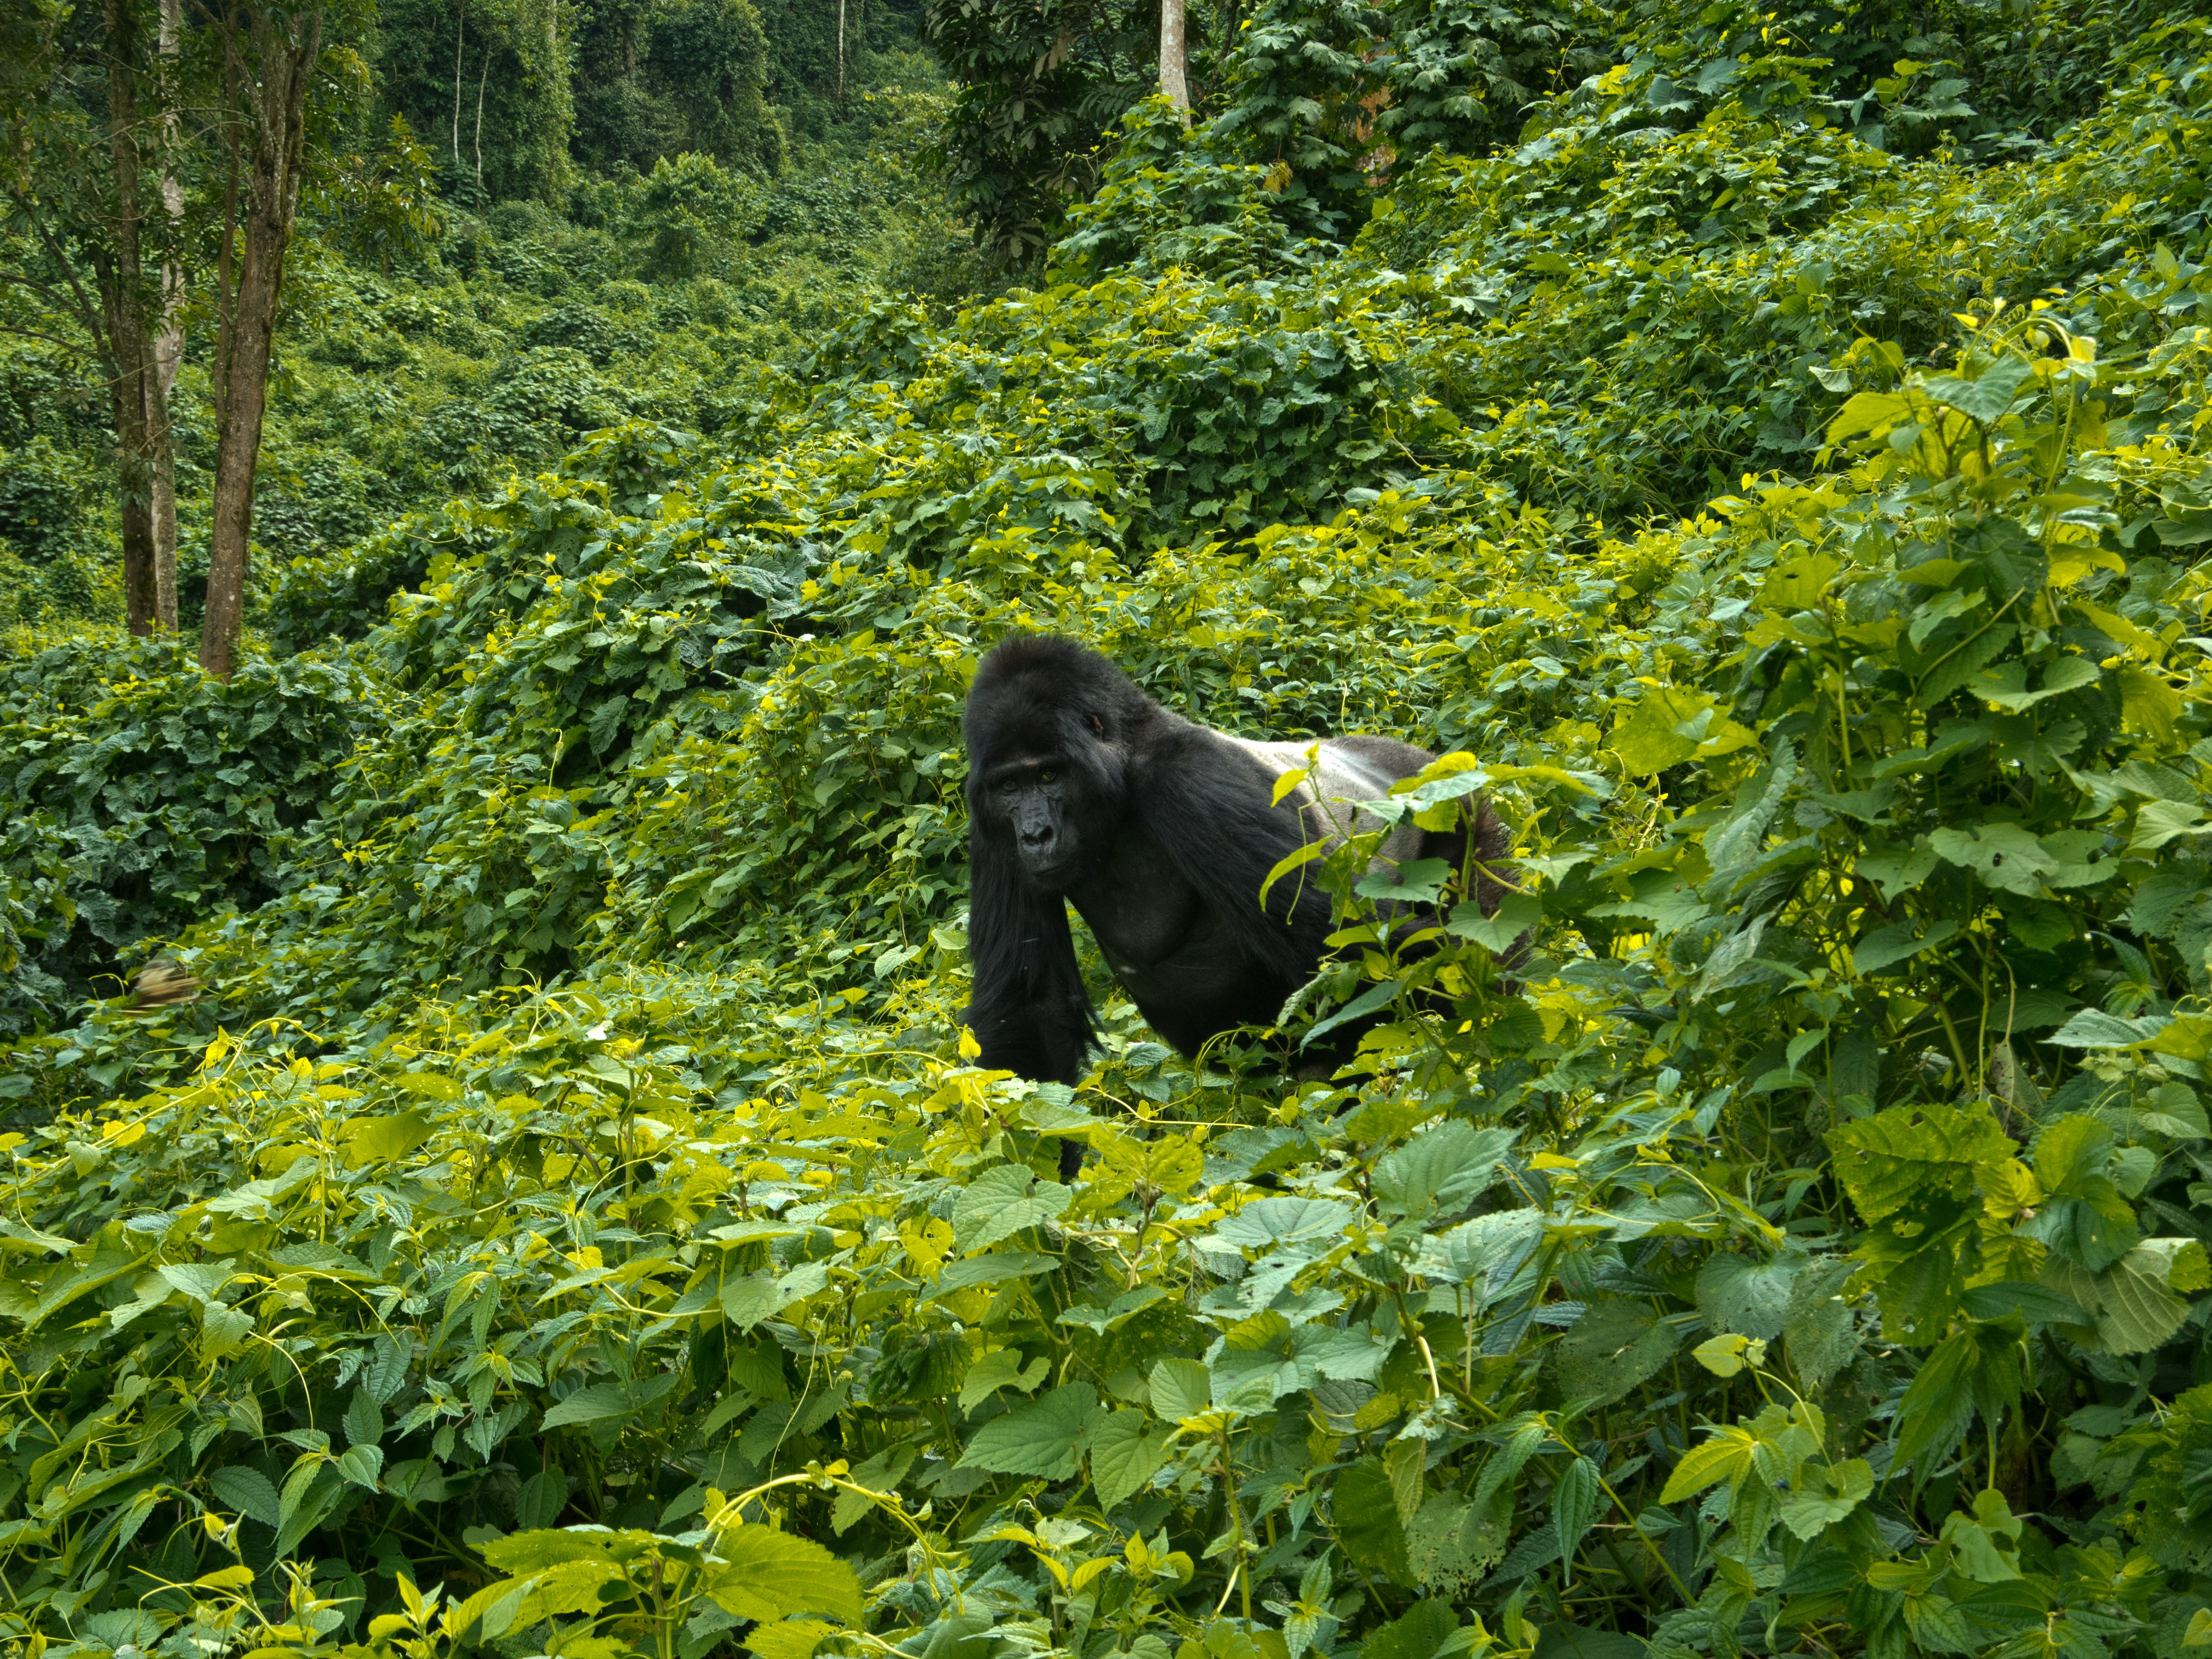 Gorillas in the Mist: My Bwindi Adventure